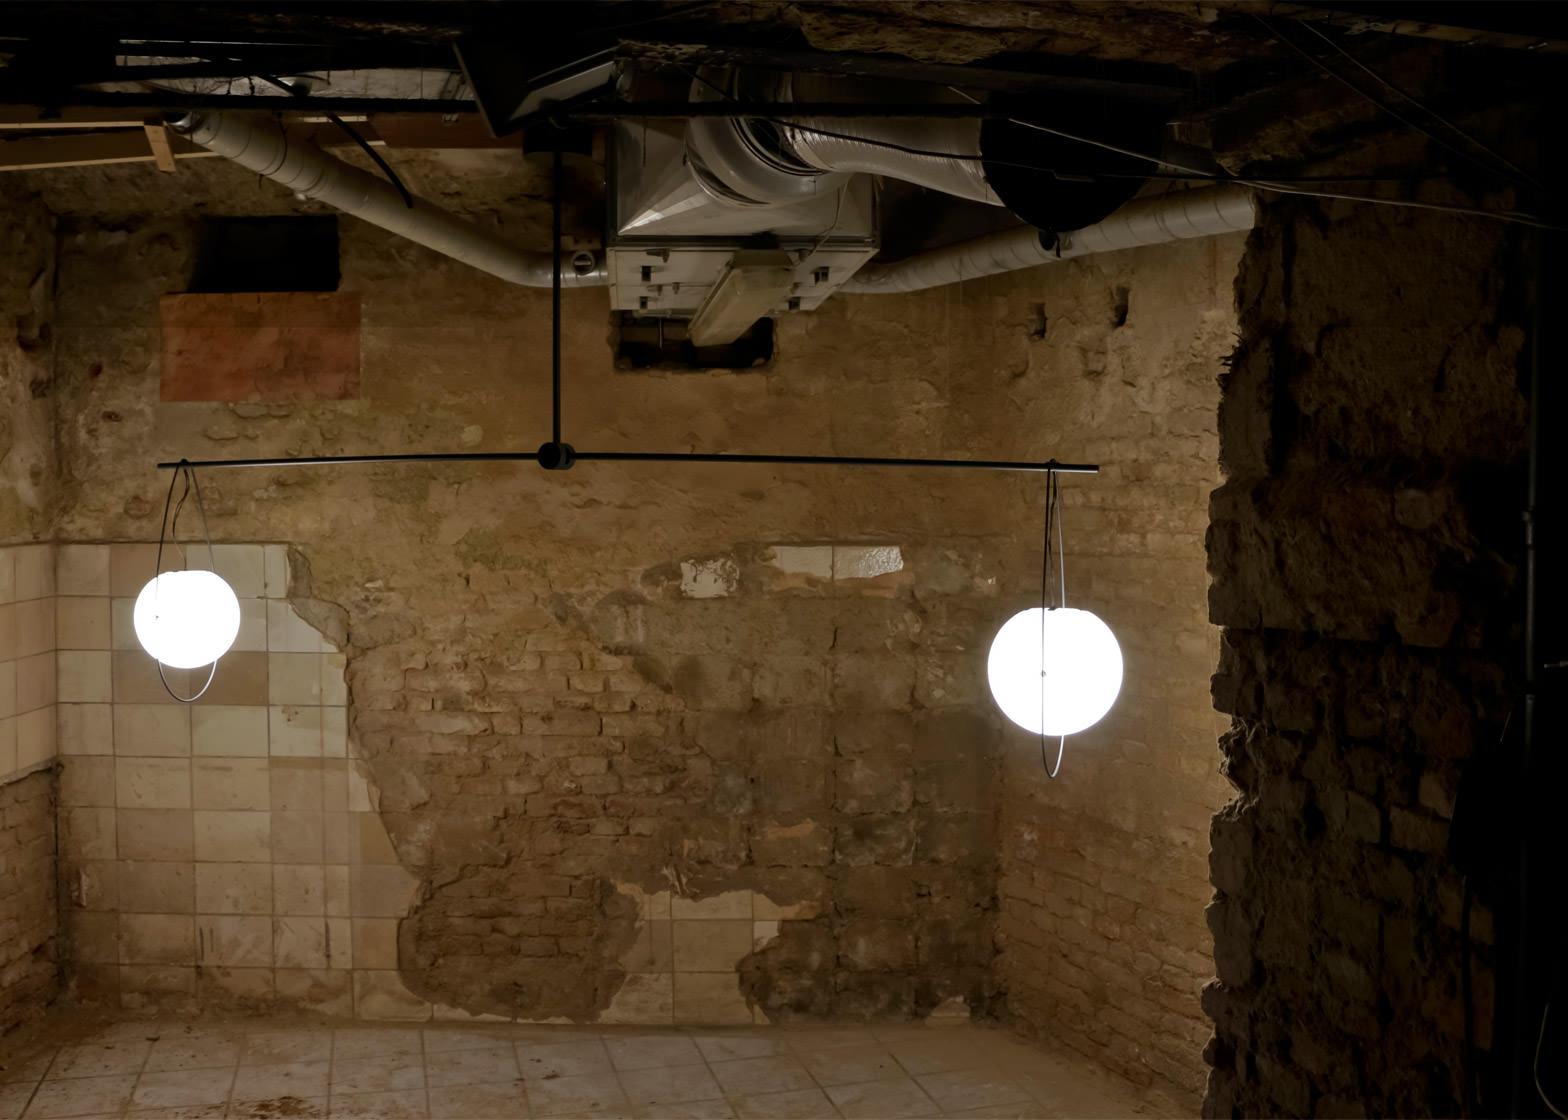 equilumen-mischer-traxler-light-distribution-glas-sphere-design-lighting-motion_dezeen_1568_5